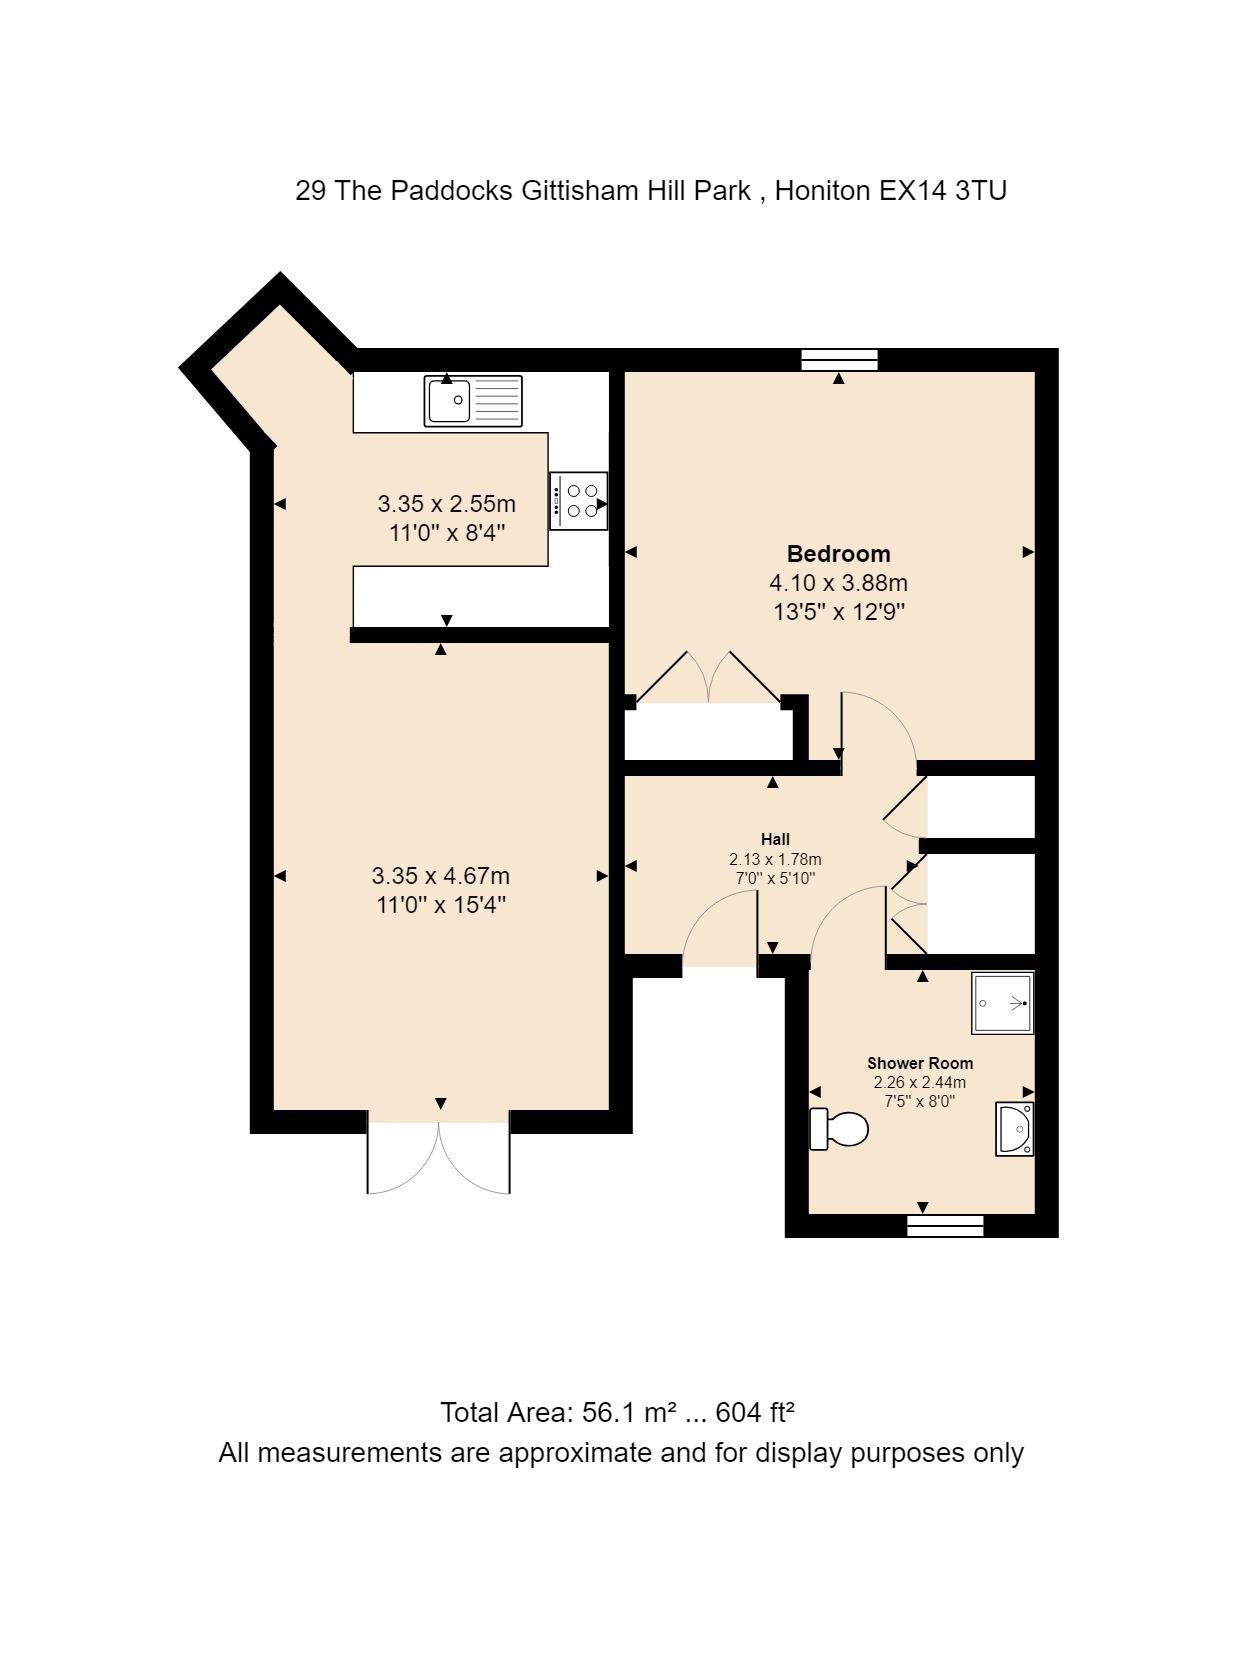 29 The Paddocks Floorplan